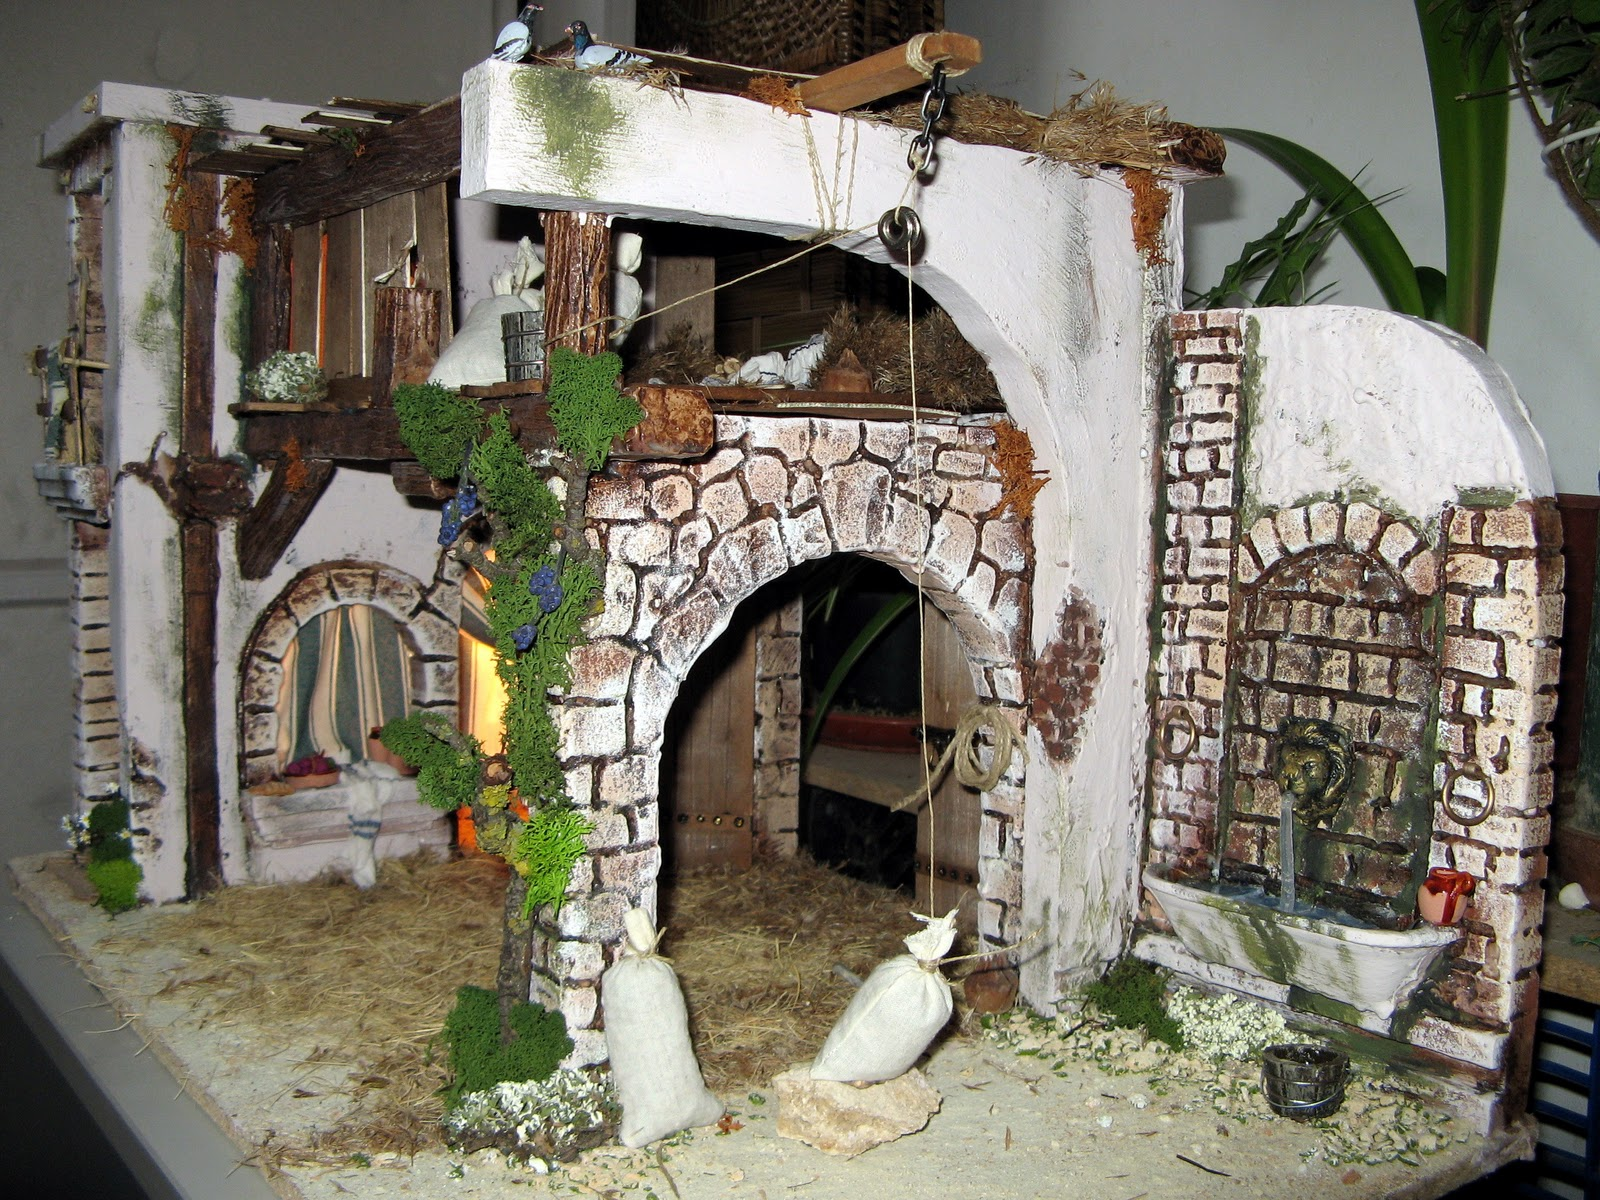 2241c5e0088 Casas belenes navideños manjor diorama ideas jpg 1600x1200 Casas belenes  navideños manjor diorama ideas